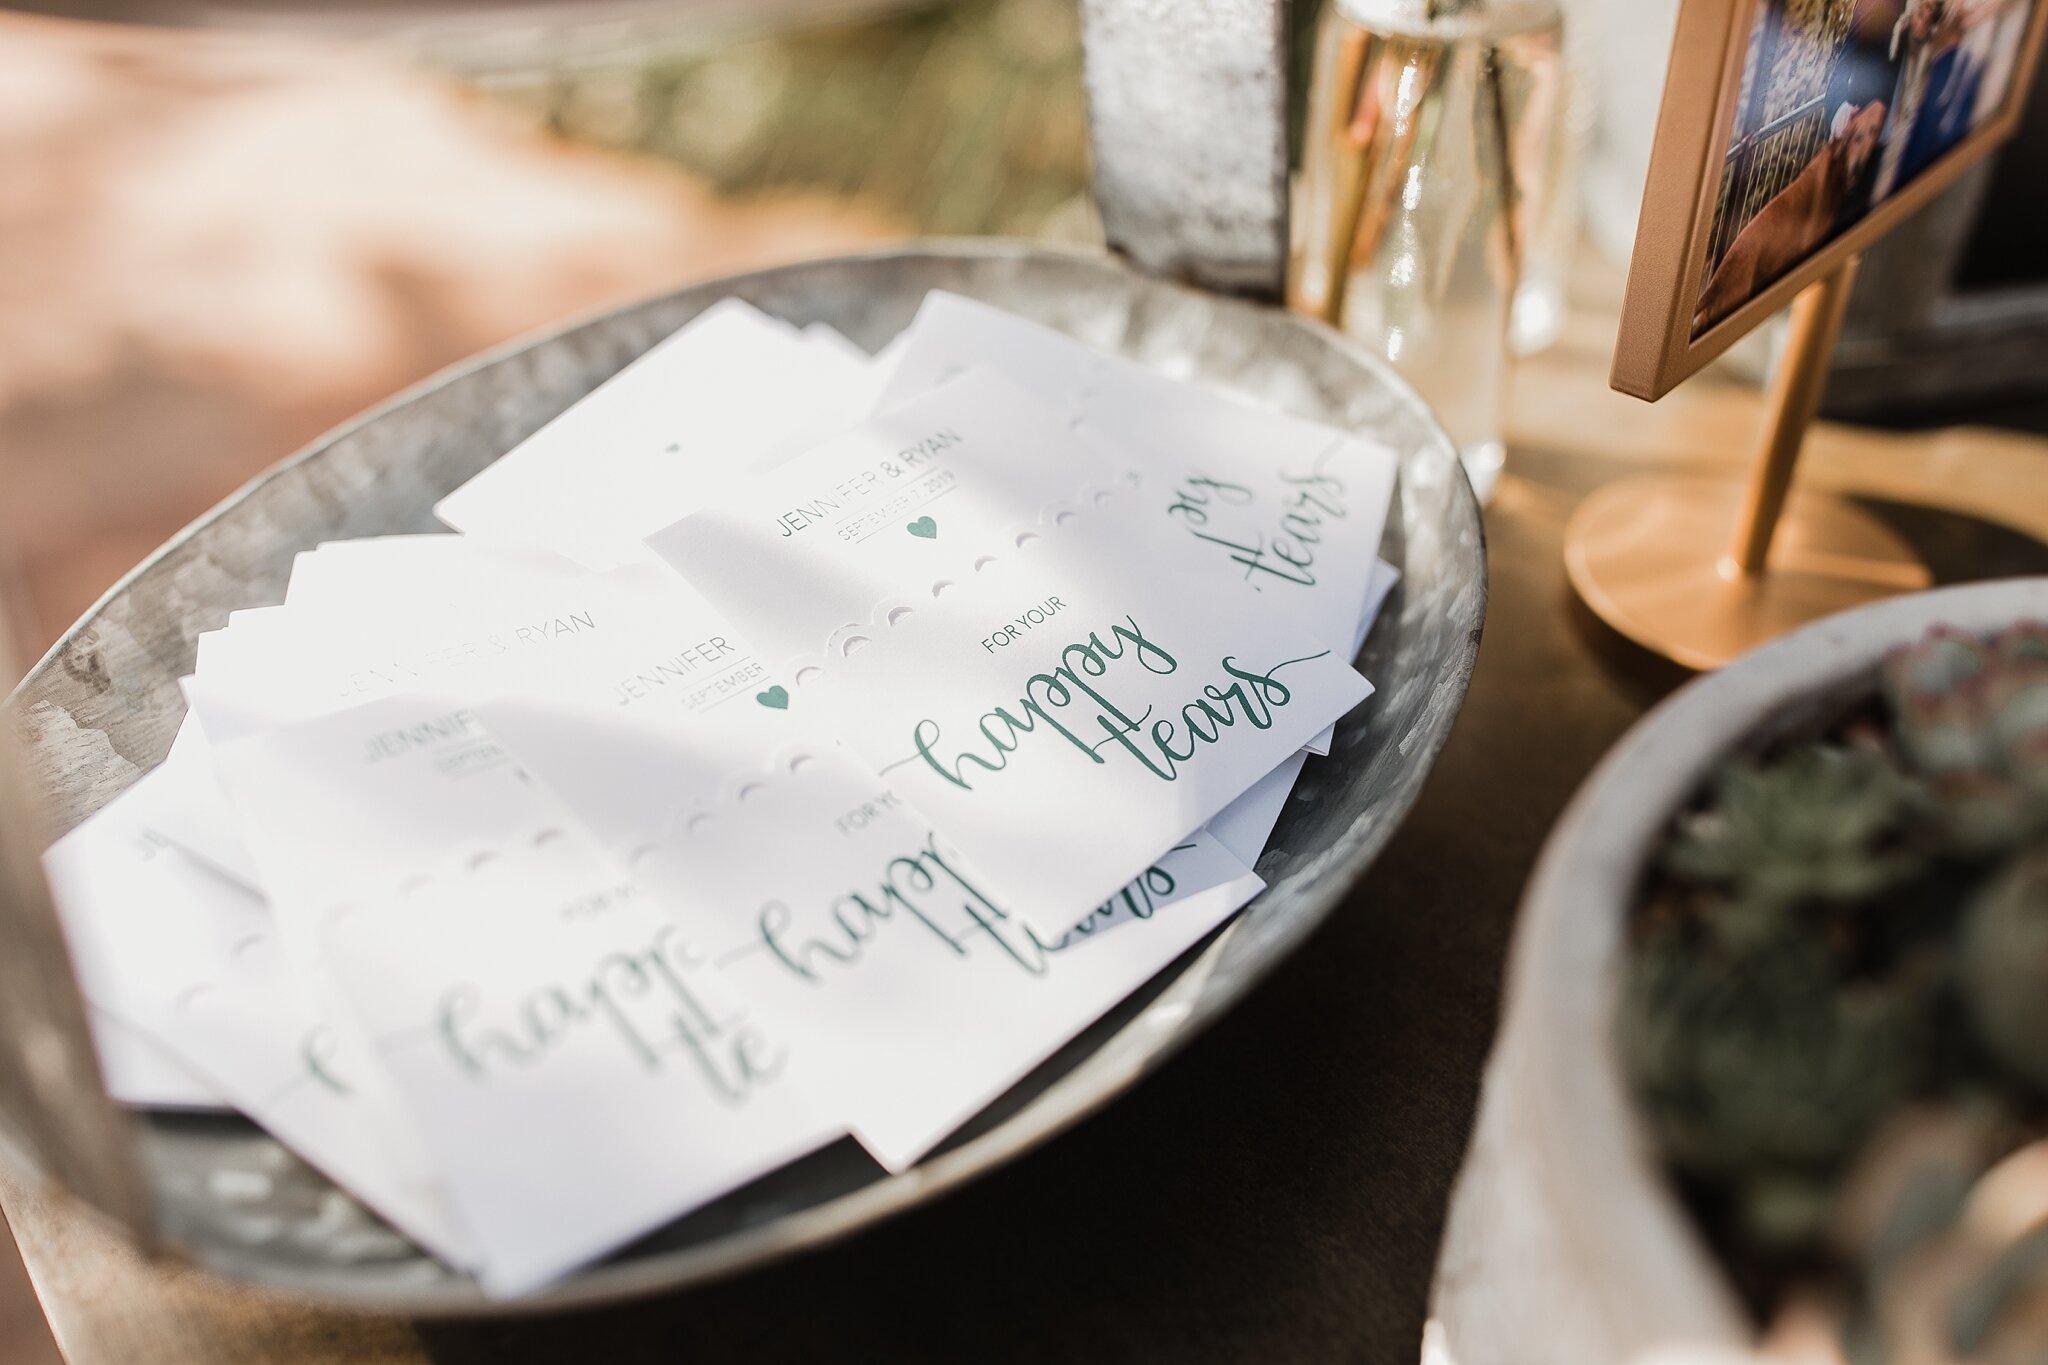 Alicia+lucia+photography+-+albuquerque+wedding+photographer+-+santa+fe+wedding+photography+-+new+mexico+wedding+photographer+-+new+mexico+wedding+-+bed+and+breakfast+wedding+-+sarabande+wedding+-+sarabande+bed+and+breakfast+wedding_0057.jpg